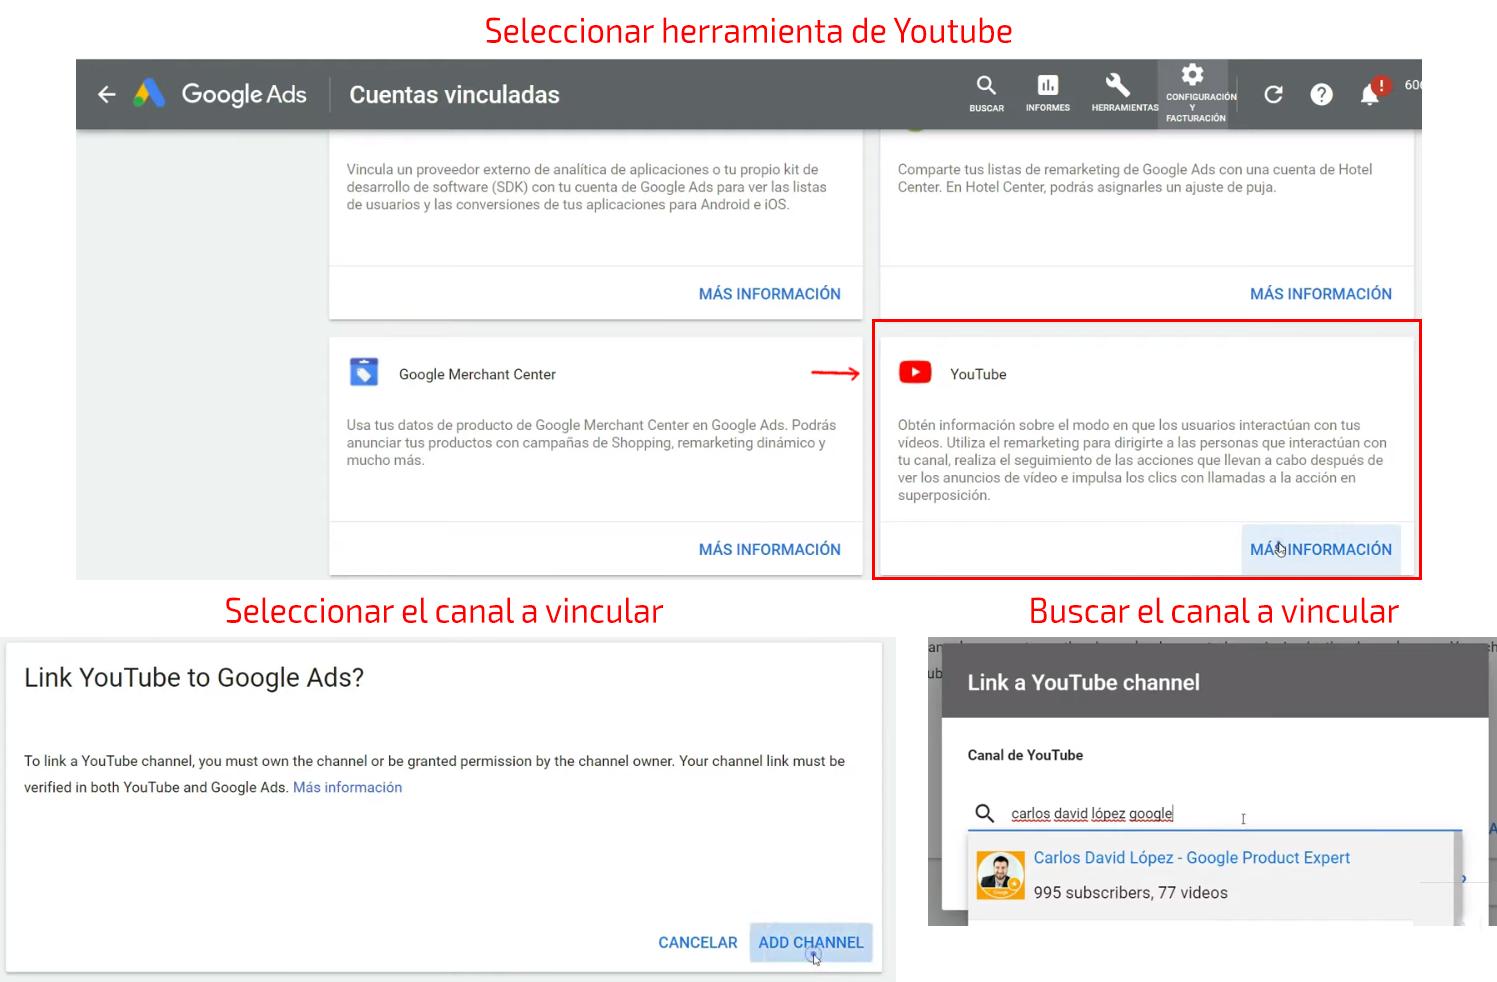 Selección del canal de YouTube a vincular Google Ads